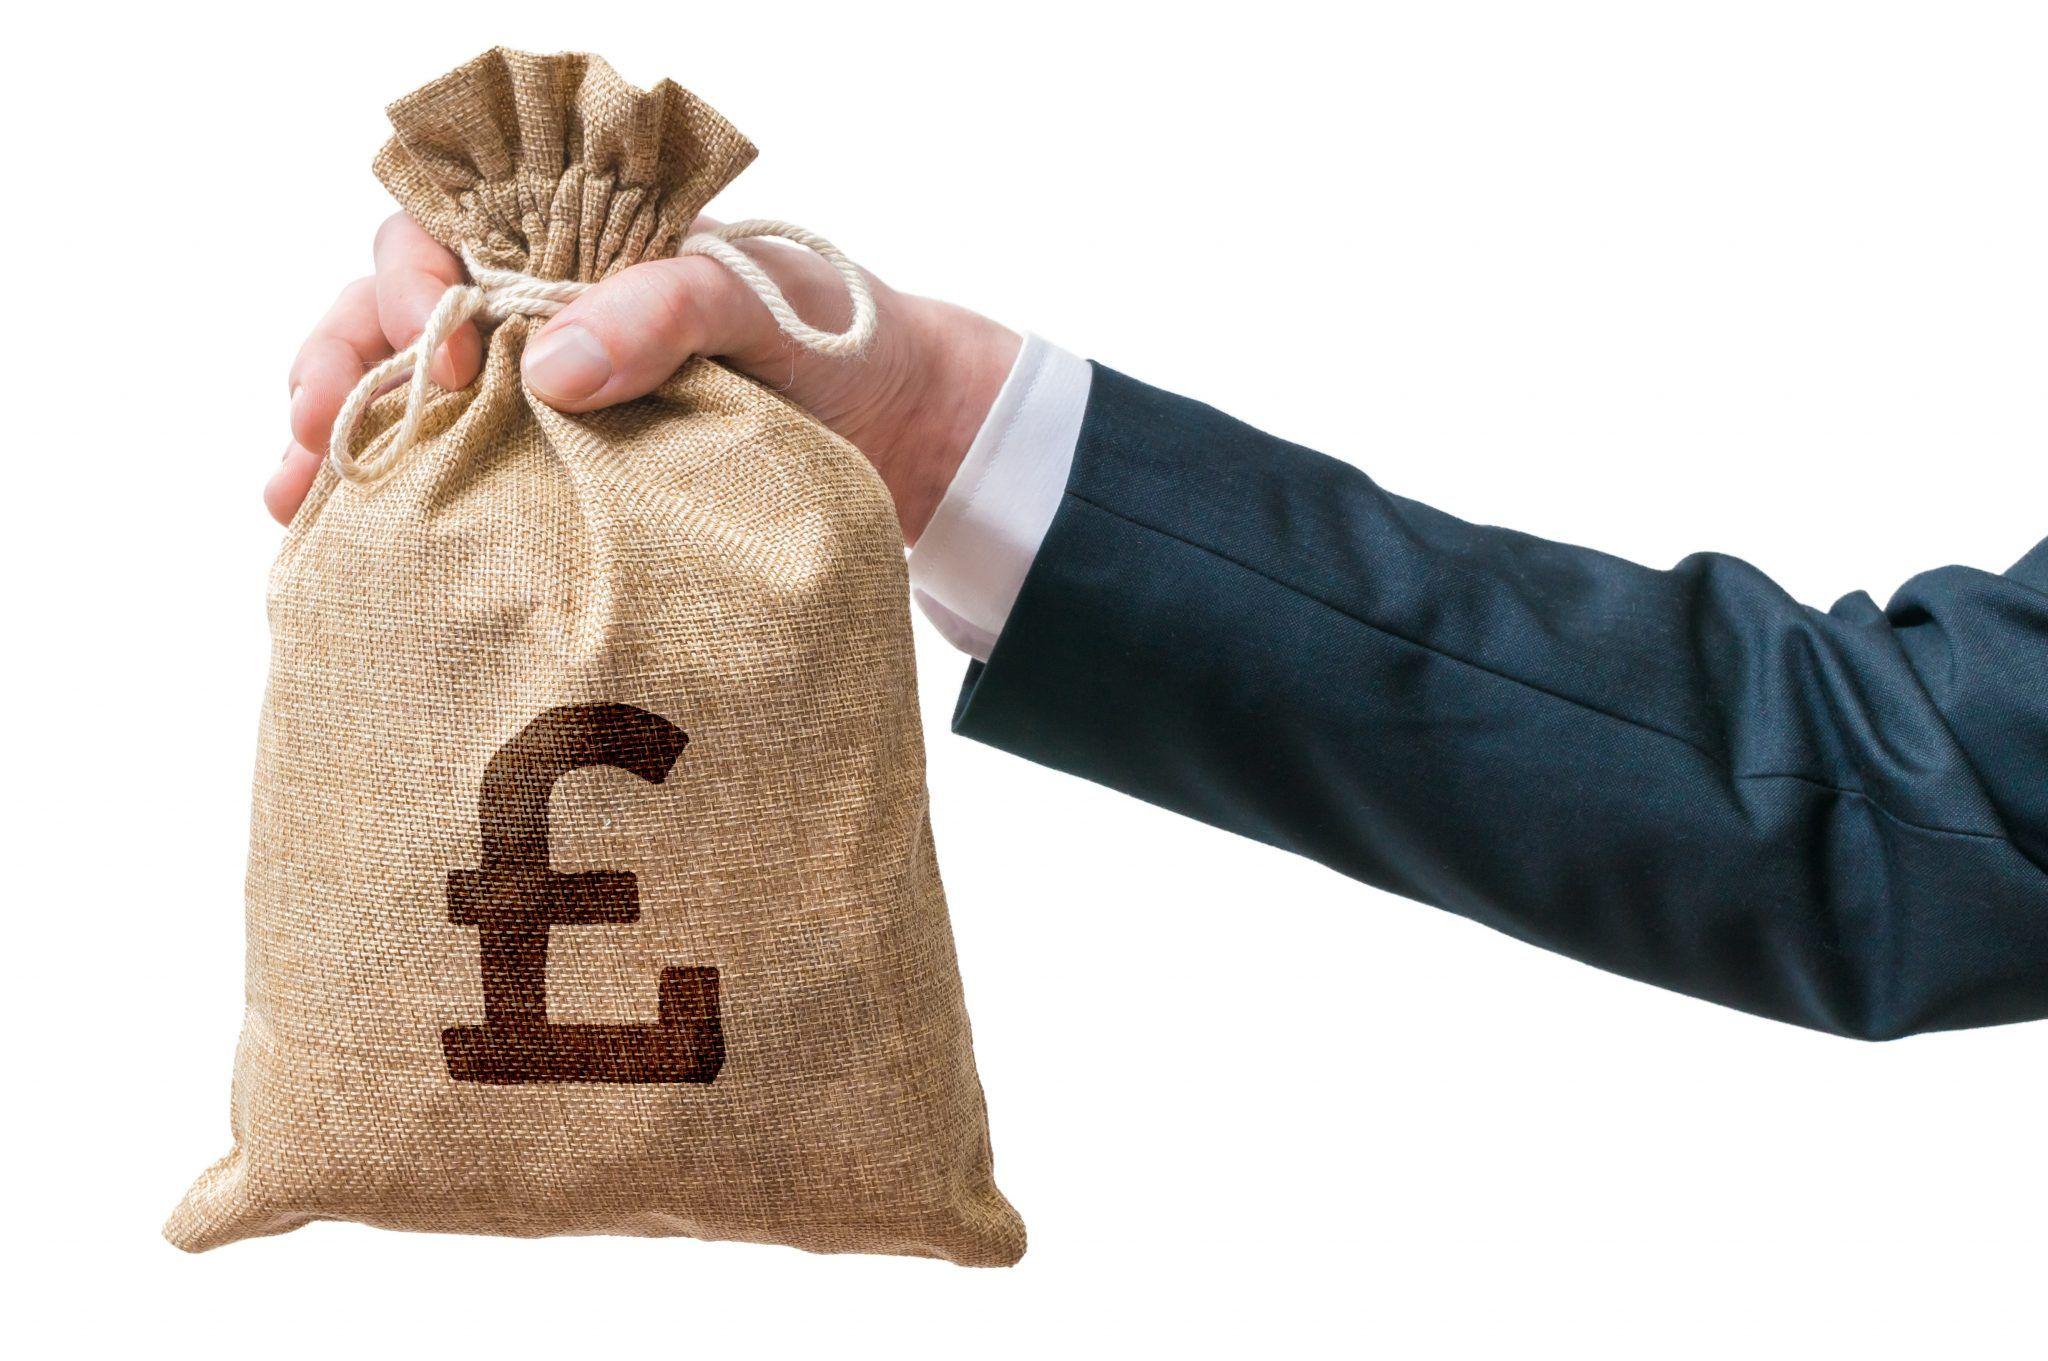 英国问题汇总:疫情期间,谁给我发工资?